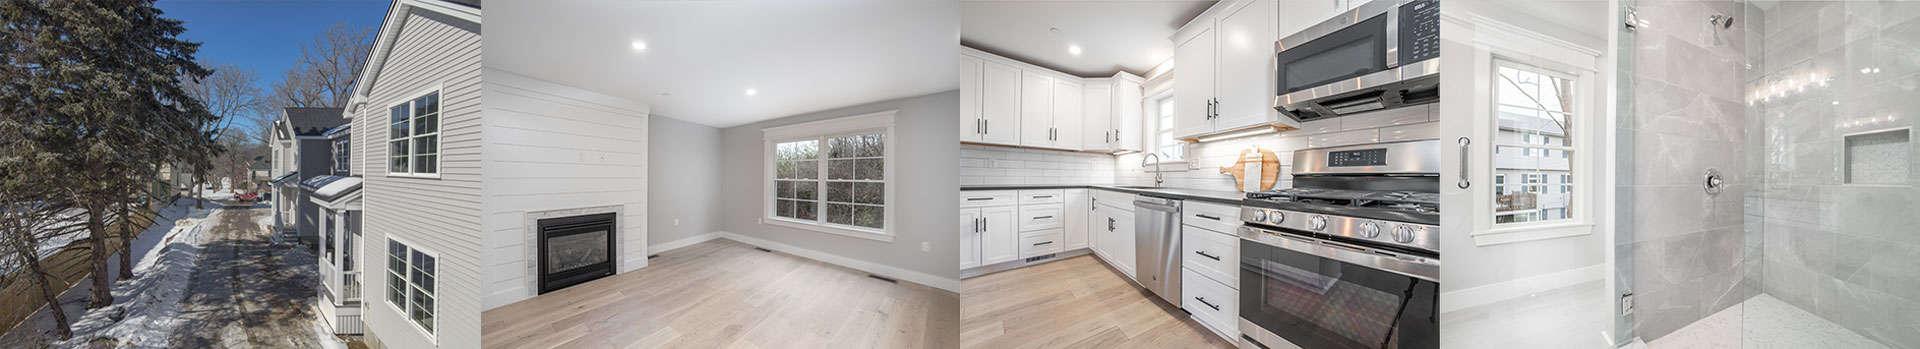 house, interior, kitchen, bathroom